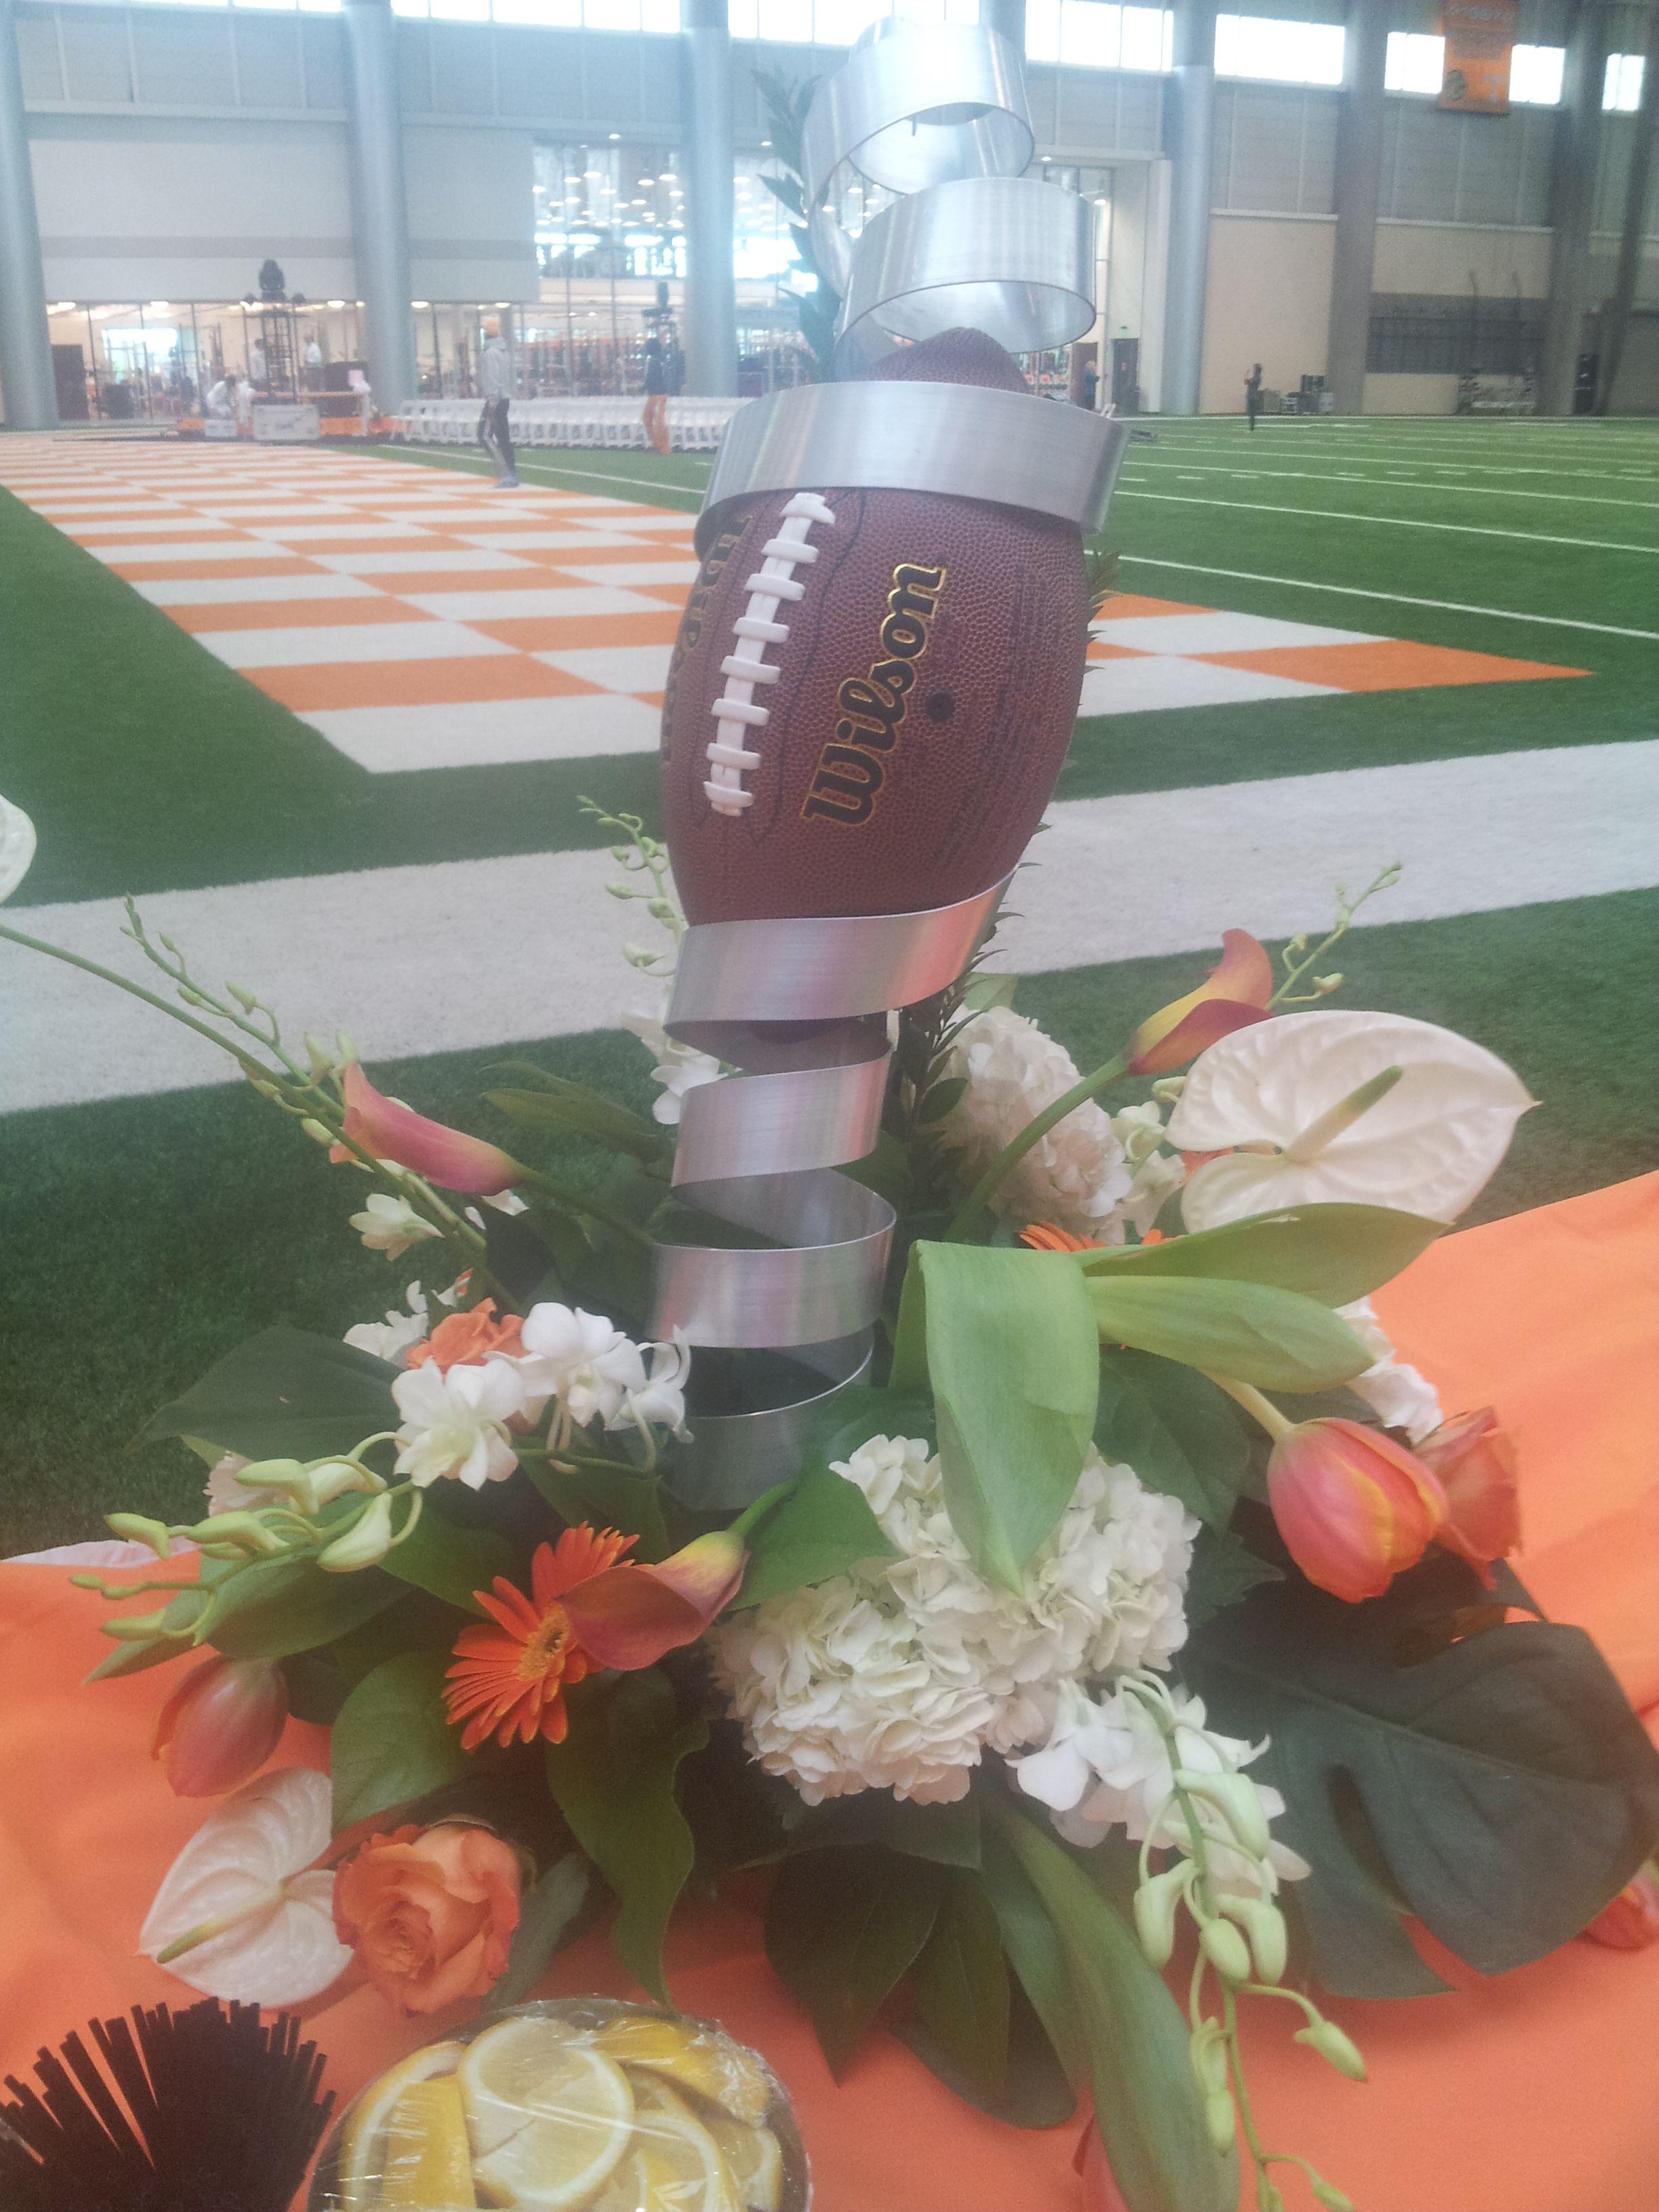 Ut Football Themed Fresh Arrangement For The University Of Tennessee